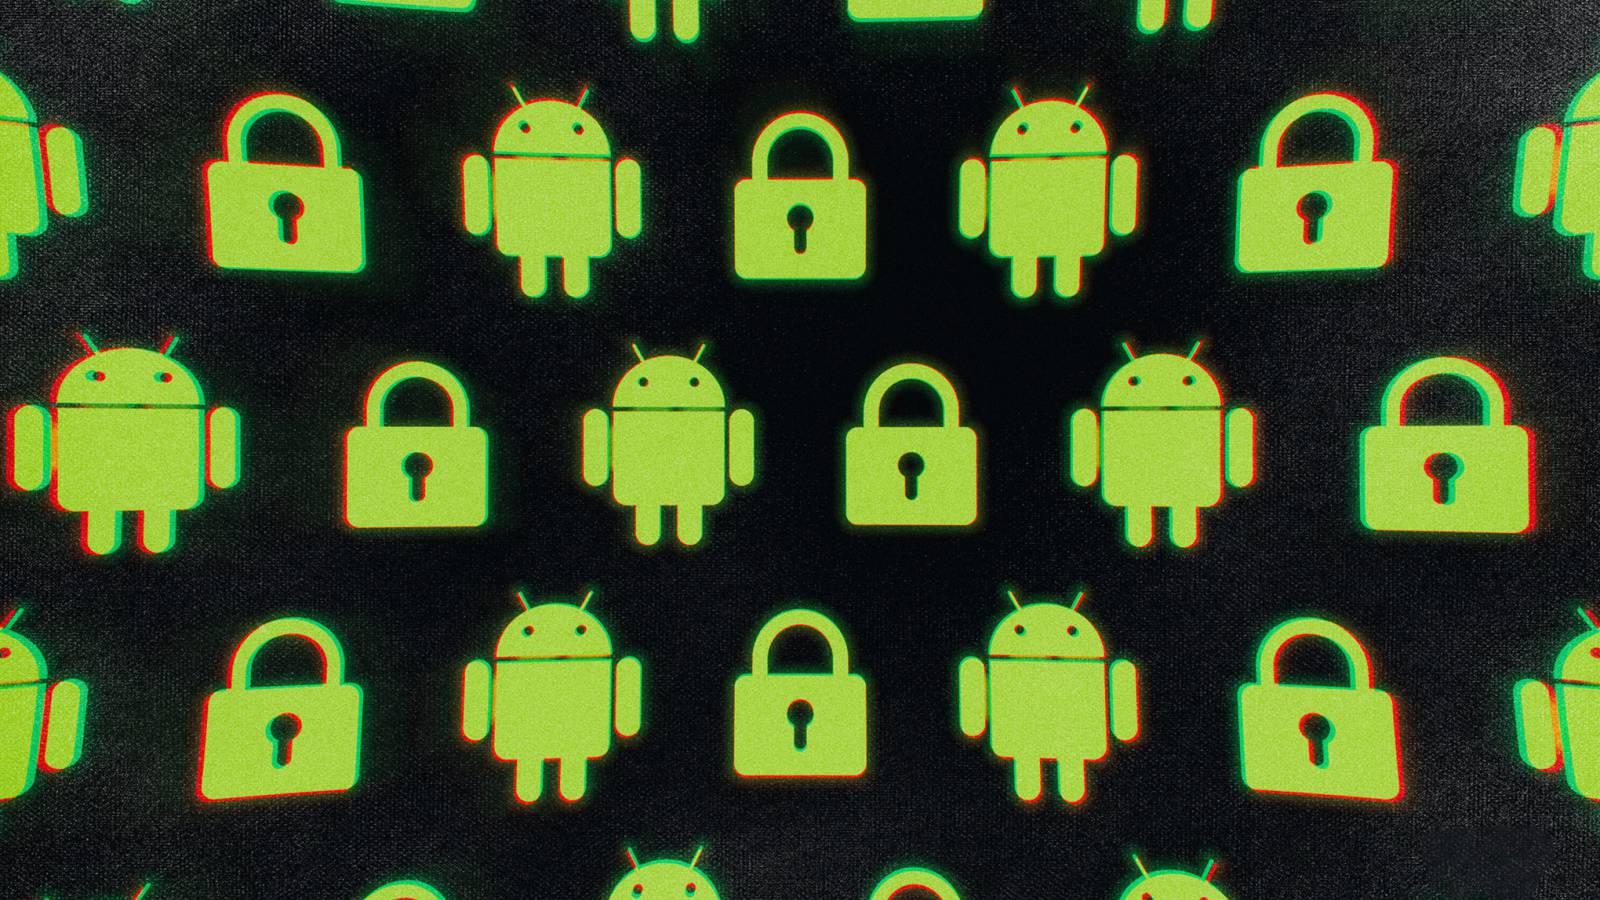 Android. Schimbarea Google care SUPARA deja MULTI Oameni